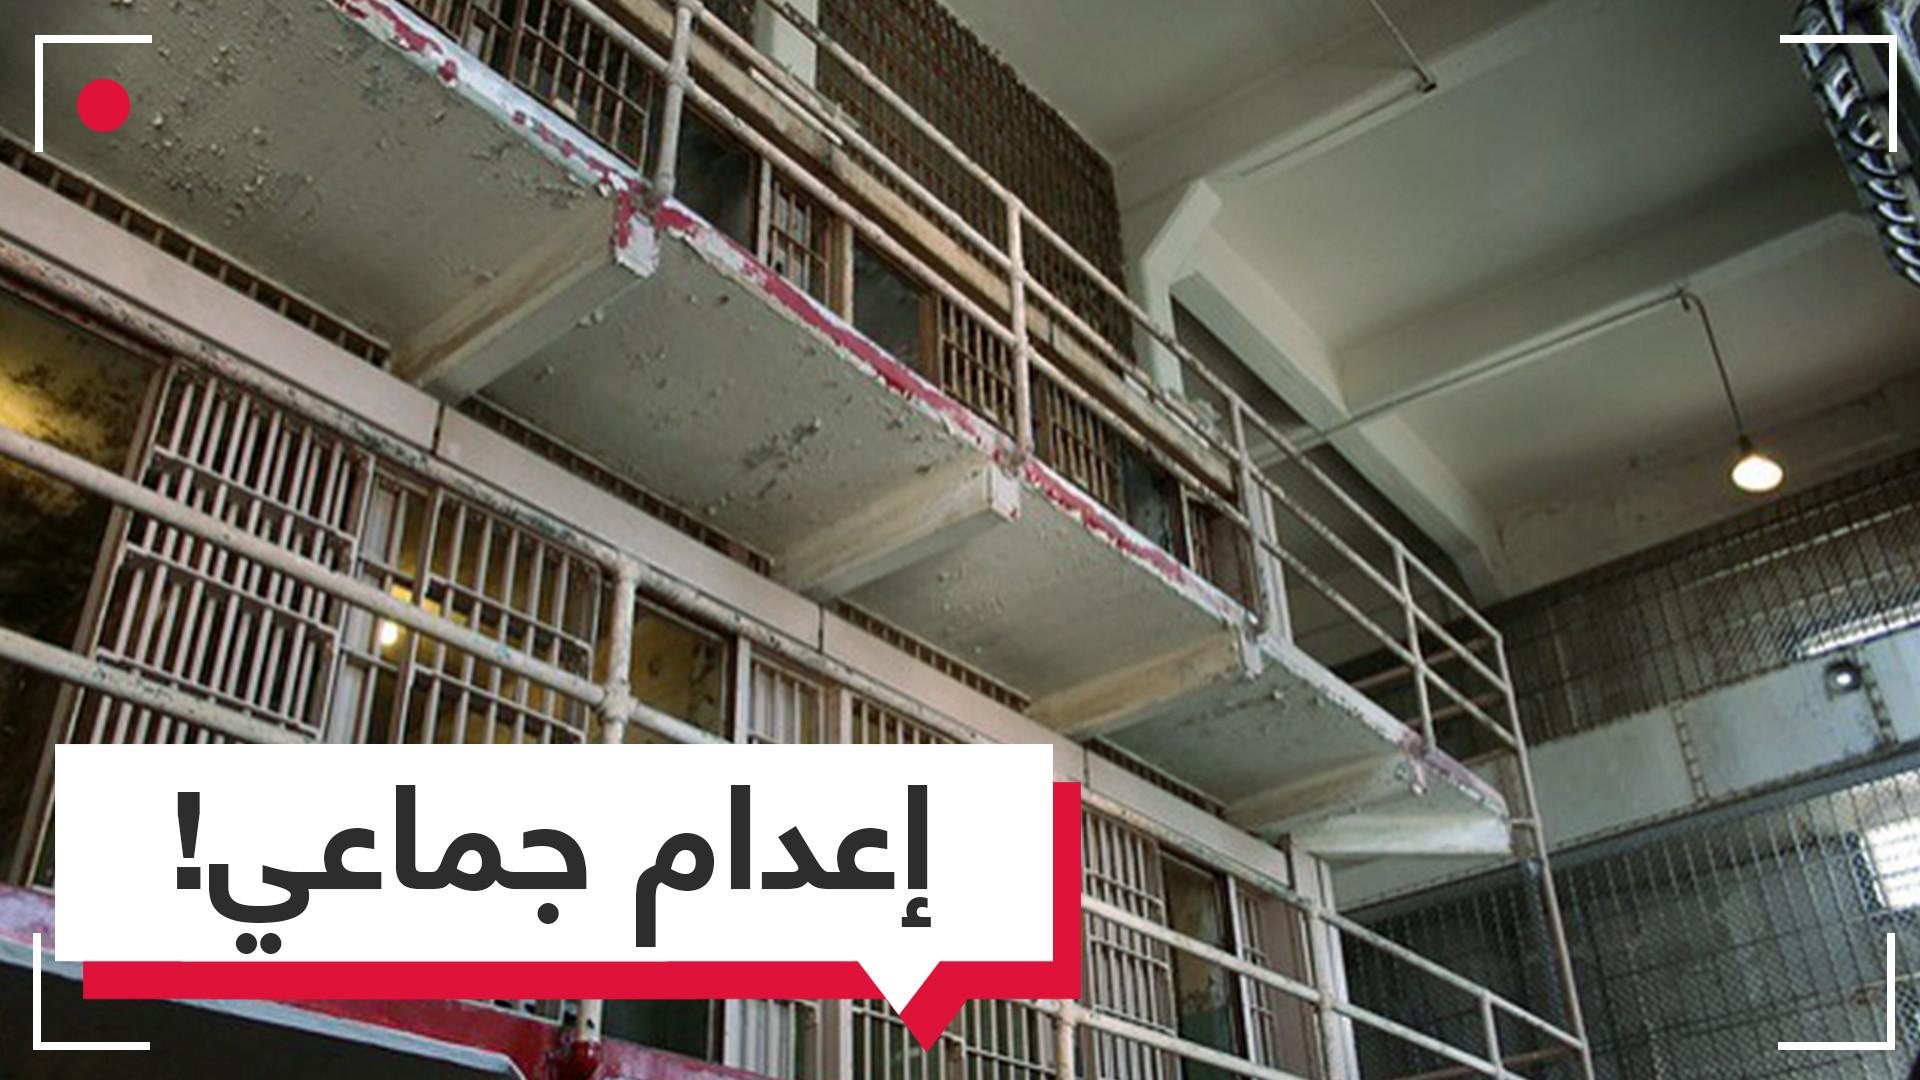 الإعدام وإقامة حدّ الحرابة في السعودية.. منظمات حقوقية تنتقد الرياض بشدة